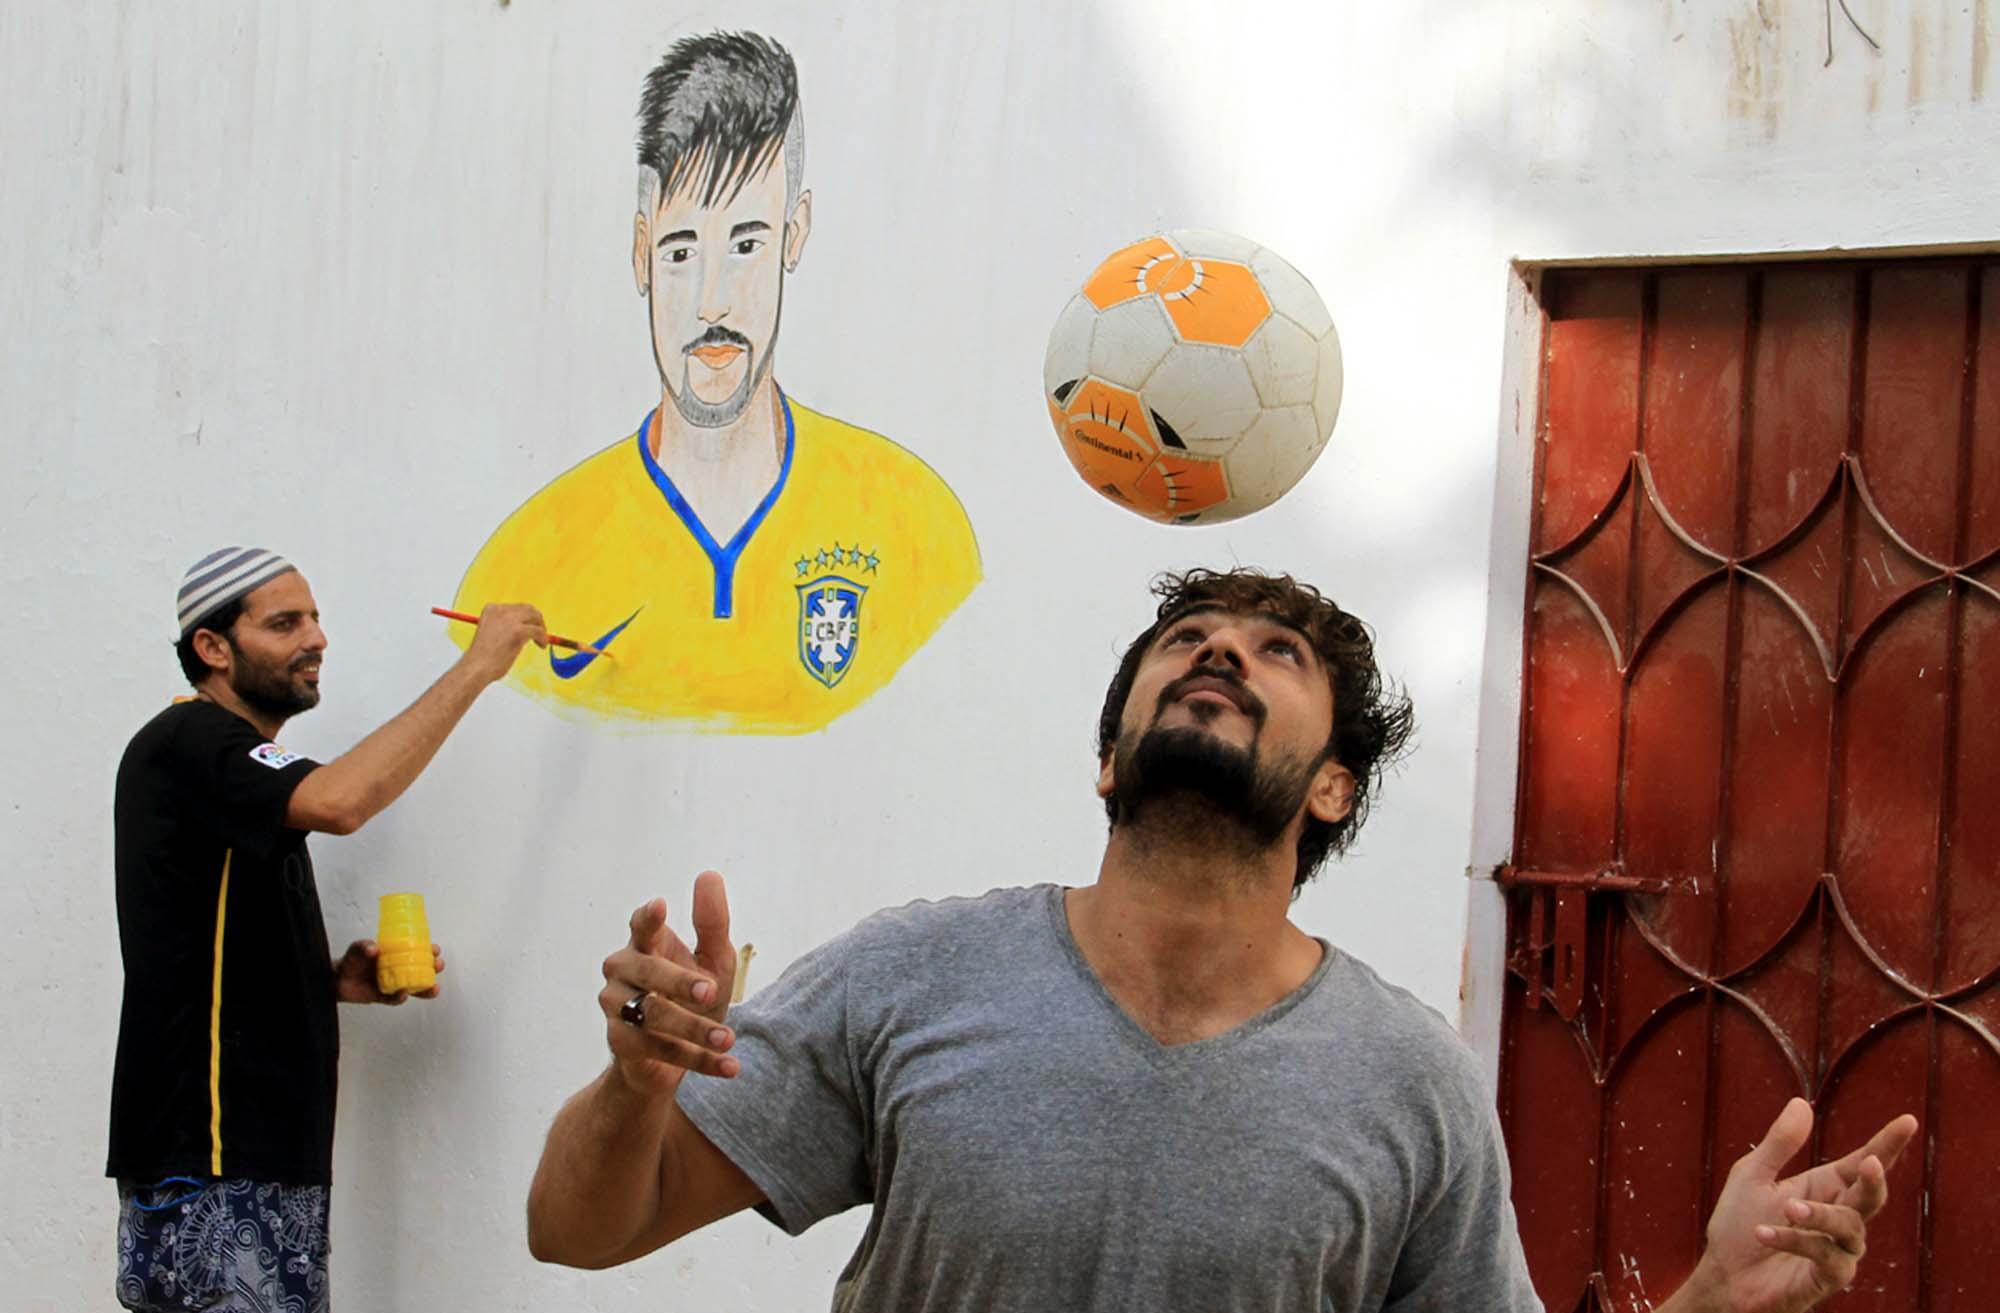 Fifa world cup 2018 lyari walls depict neymar jr messi